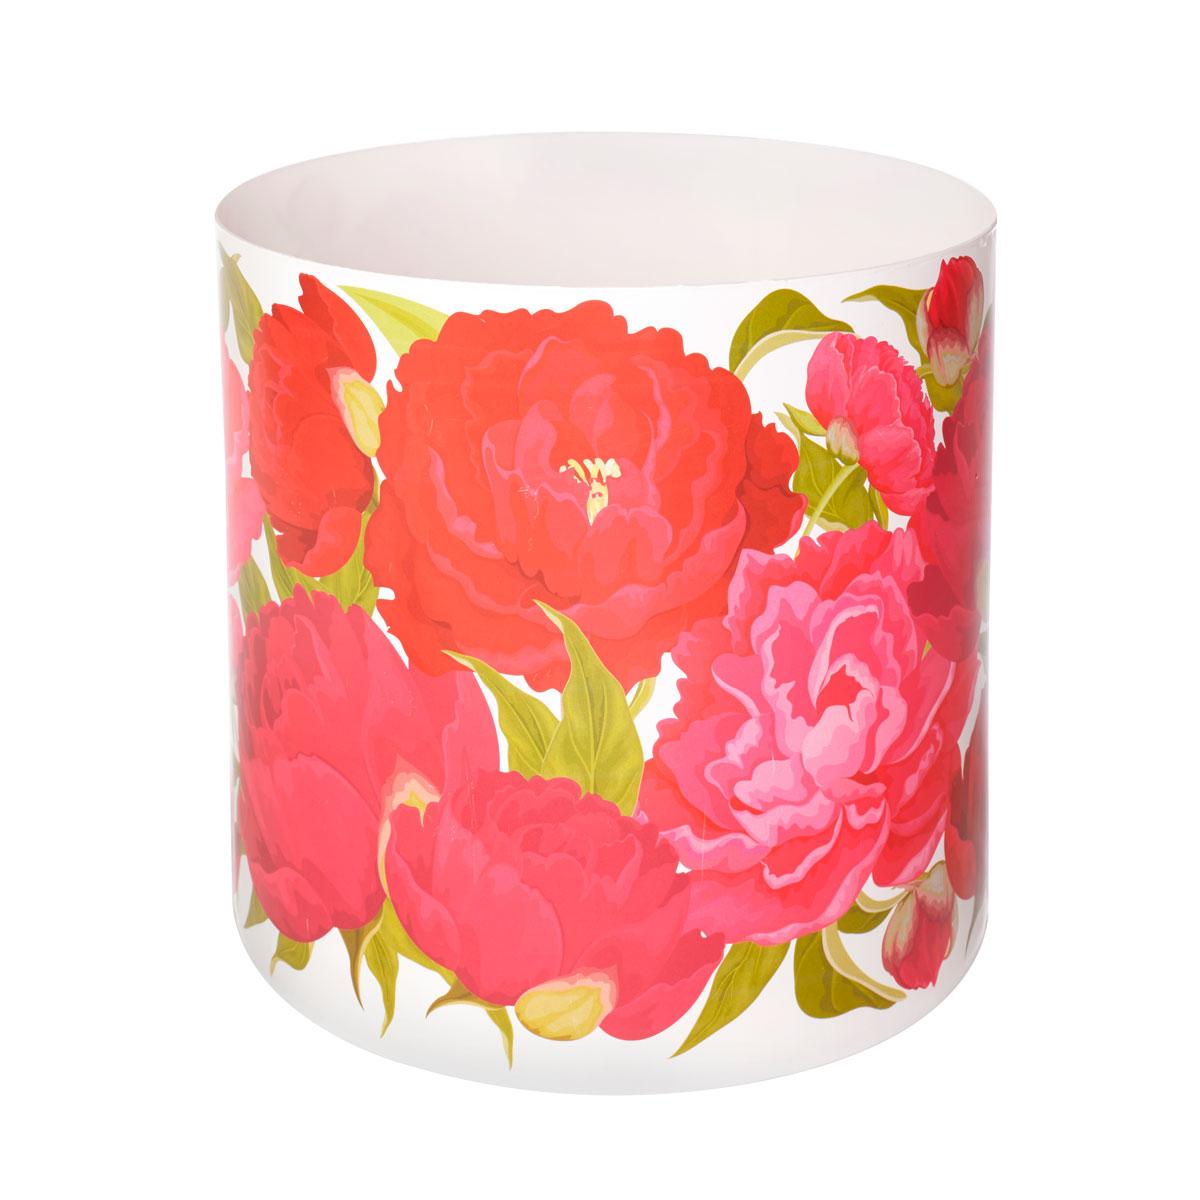 Горшок для цветов Miolla Пионы, со скрытым поддоном, 5,1 лSMG-25Горшок для цветов Miolla Пионы со скрытым поддоном выполнен из пластика.Диаметр горшка: 20,5 см.Высота горшка (с учетом поддона): 19 см.Объем горшка: 5,1 л.